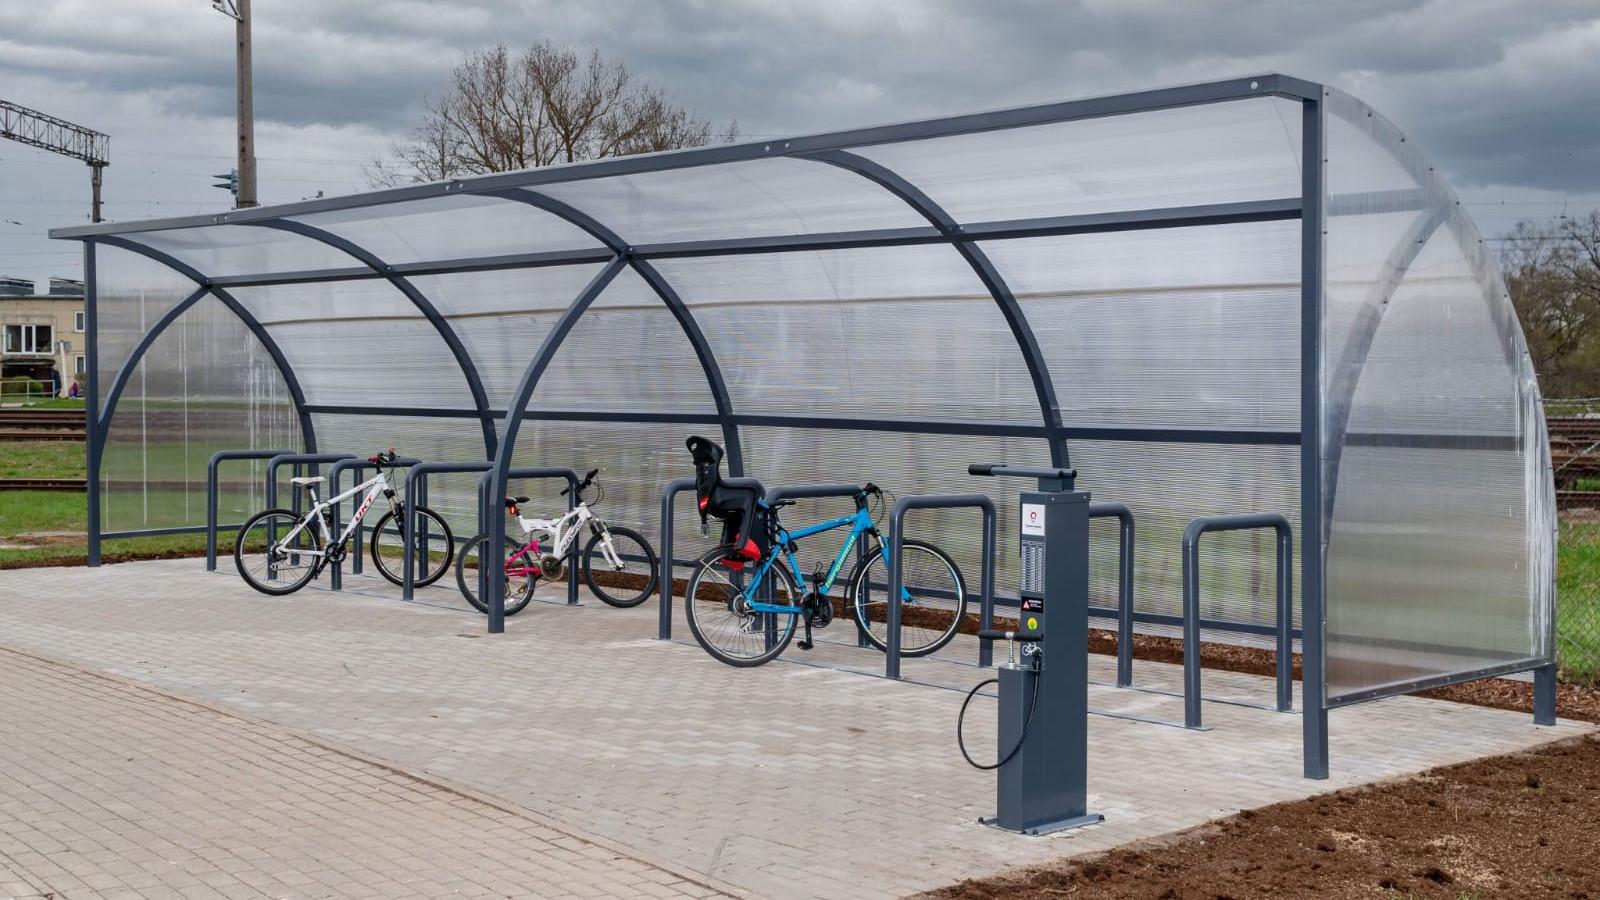 Olaines novadā izveidotas 11 velosipēdu apkopes stacijas un velonovietne pie Olaines dzelzceļa stacijas